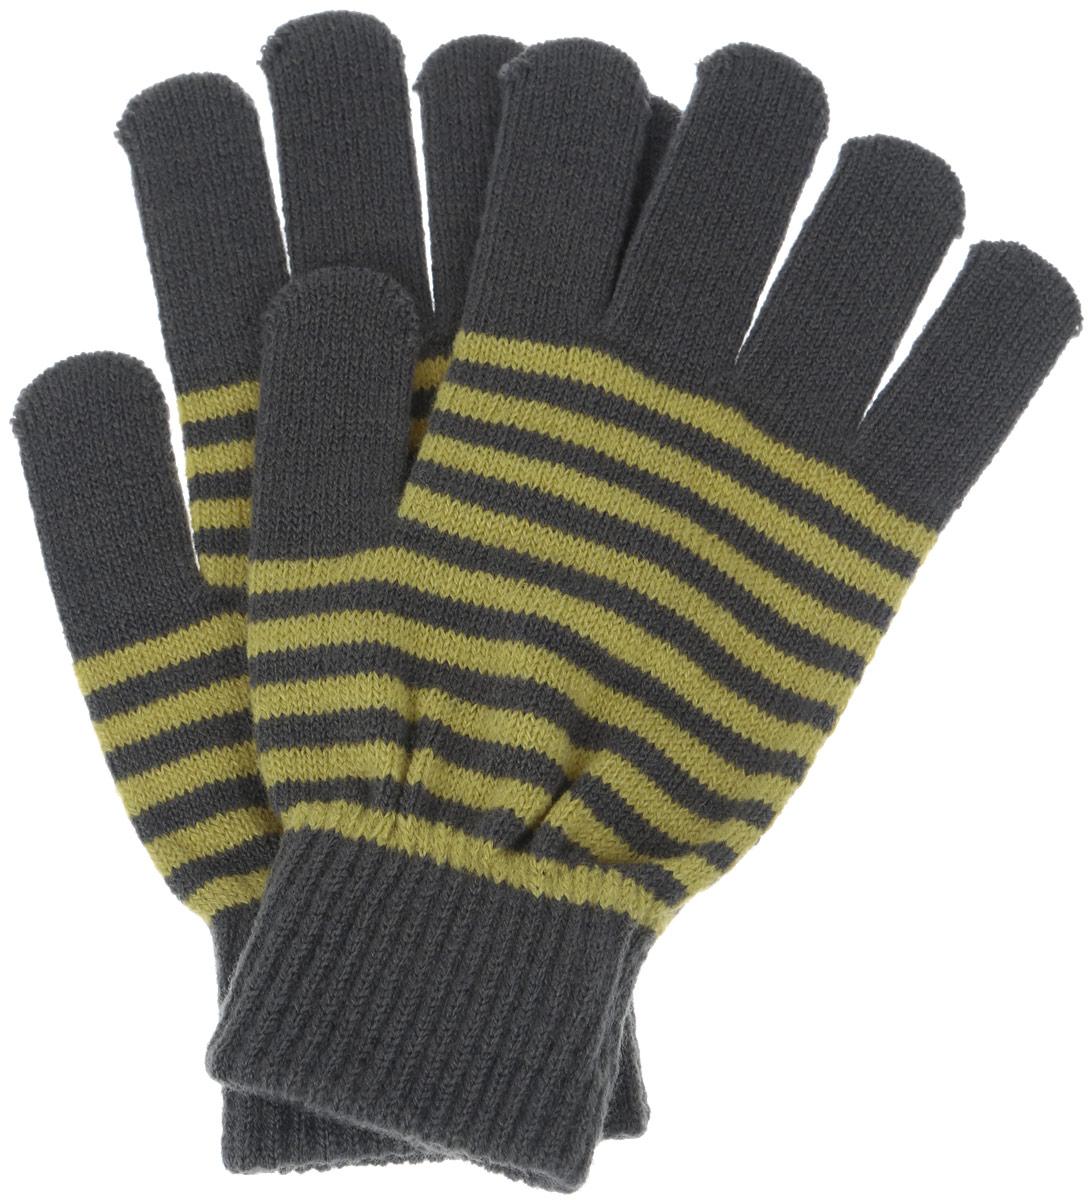 Перчатки детскиеGL-843/052-6302Вязаные перчатки для мальчика Sela идеально подойдут для прогулок в прохладное время года. Изготовленные из высококачественного материала, очень мягкие и приятные на ощупь, не раздражают нежную кожу ребенка, обеспечивая ему наибольший комфорт, хорошо сохраняют тепло. Уютные трикотажные перчатки оформлены разноцветными горизонтальными полосками. Верх модели на мягкой резинке, которая не стягивает запястья и надежно фиксирующими перчатки на руках ребенка. Современный дизайн и расцветка делают эти перчатки модным и стильным предметом детского гардероба. В них ваш ребенок будет чувствовать себя уютно и комфортно.